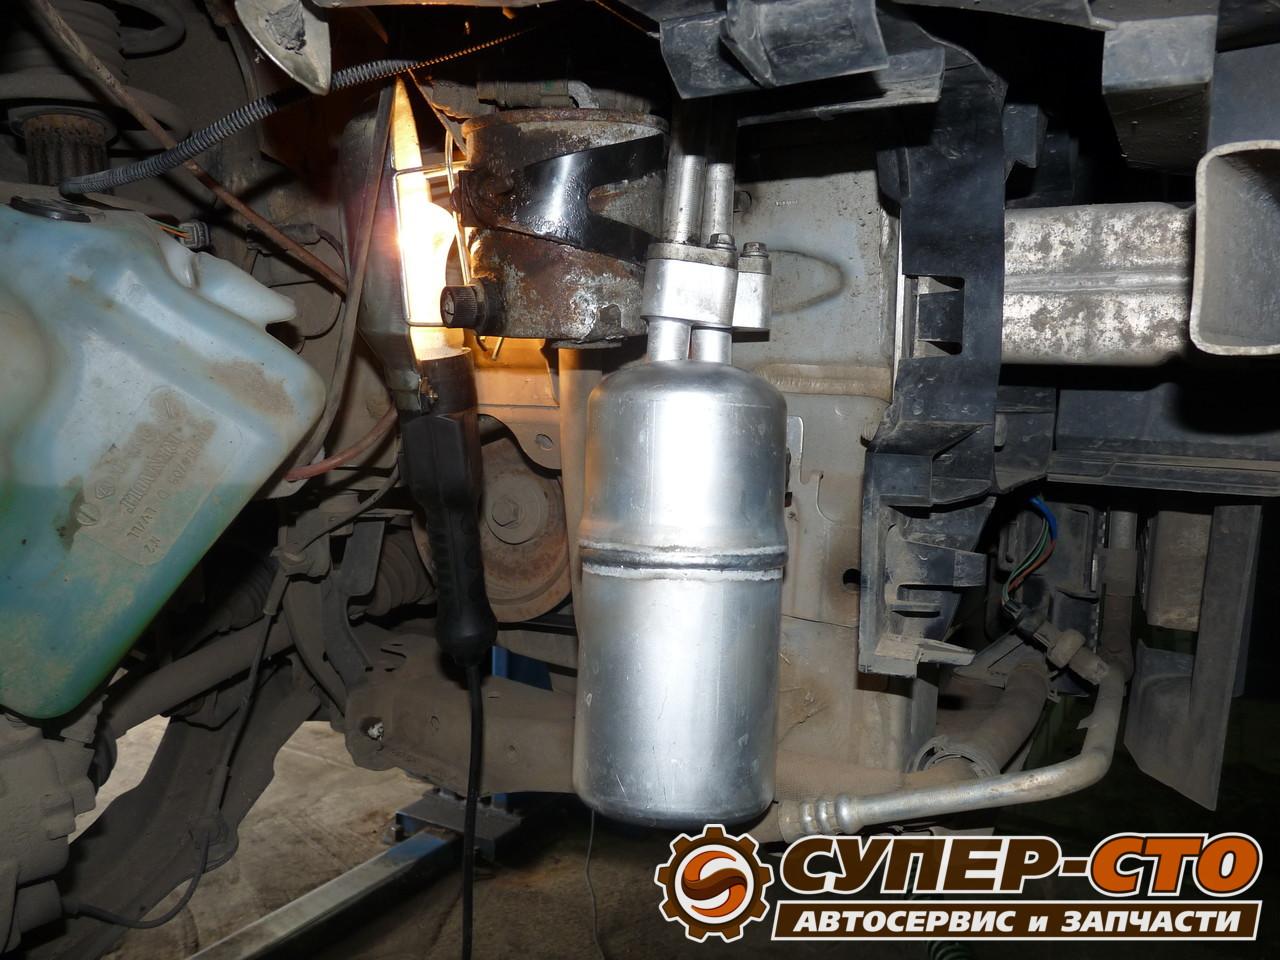 Транспортер т4 кондиционер установка ремонт кондиционеров дмитров